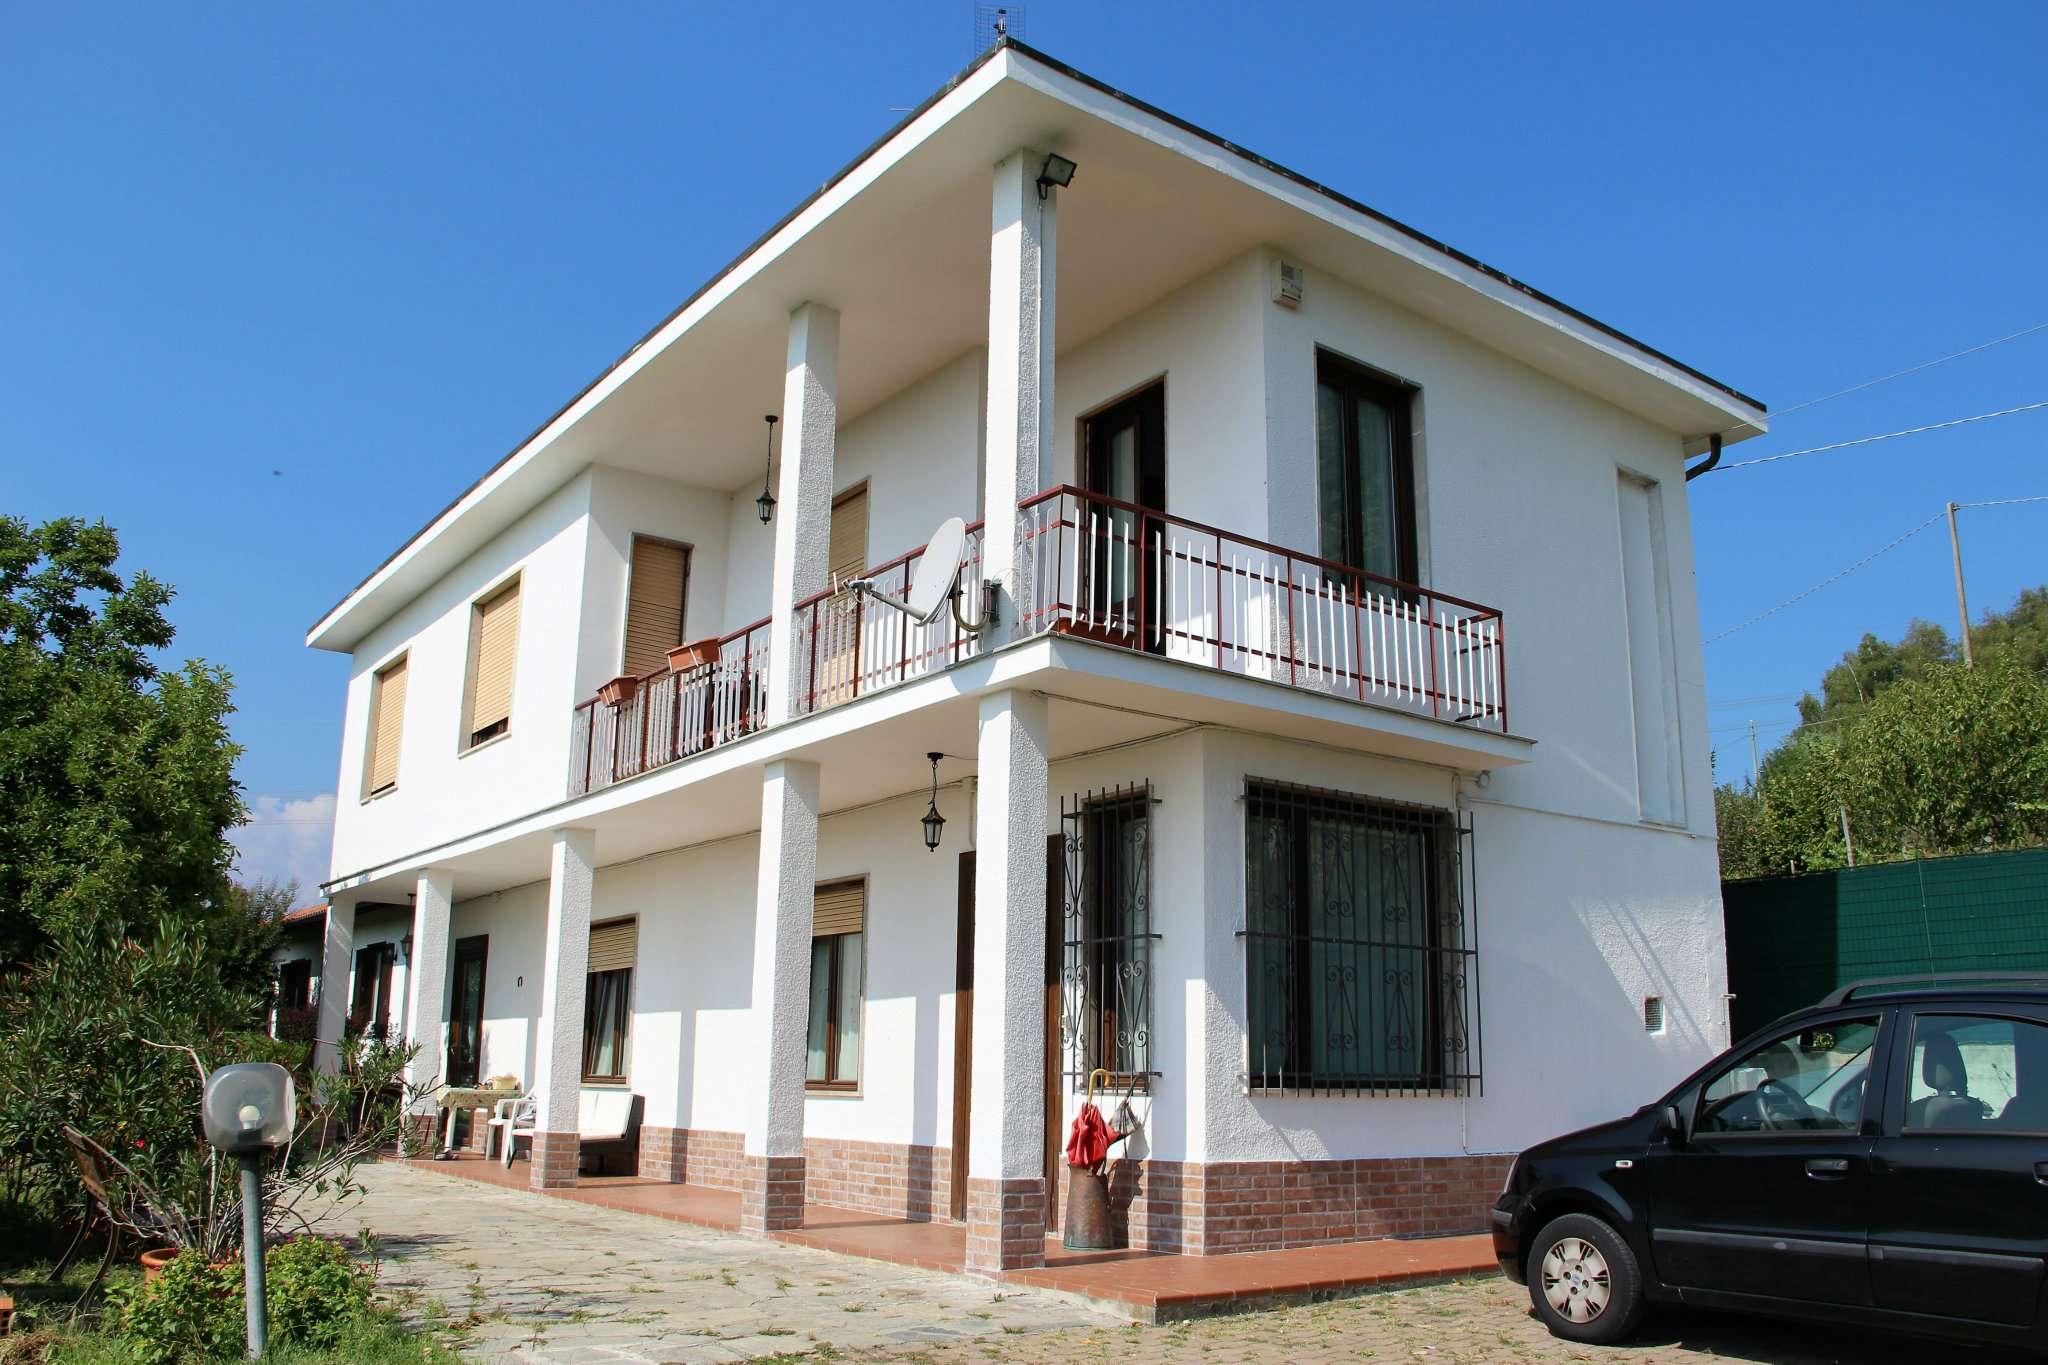 Villa in vendita a Villarbasse, 8 locali, prezzo € 430.000 | CambioCasa.it